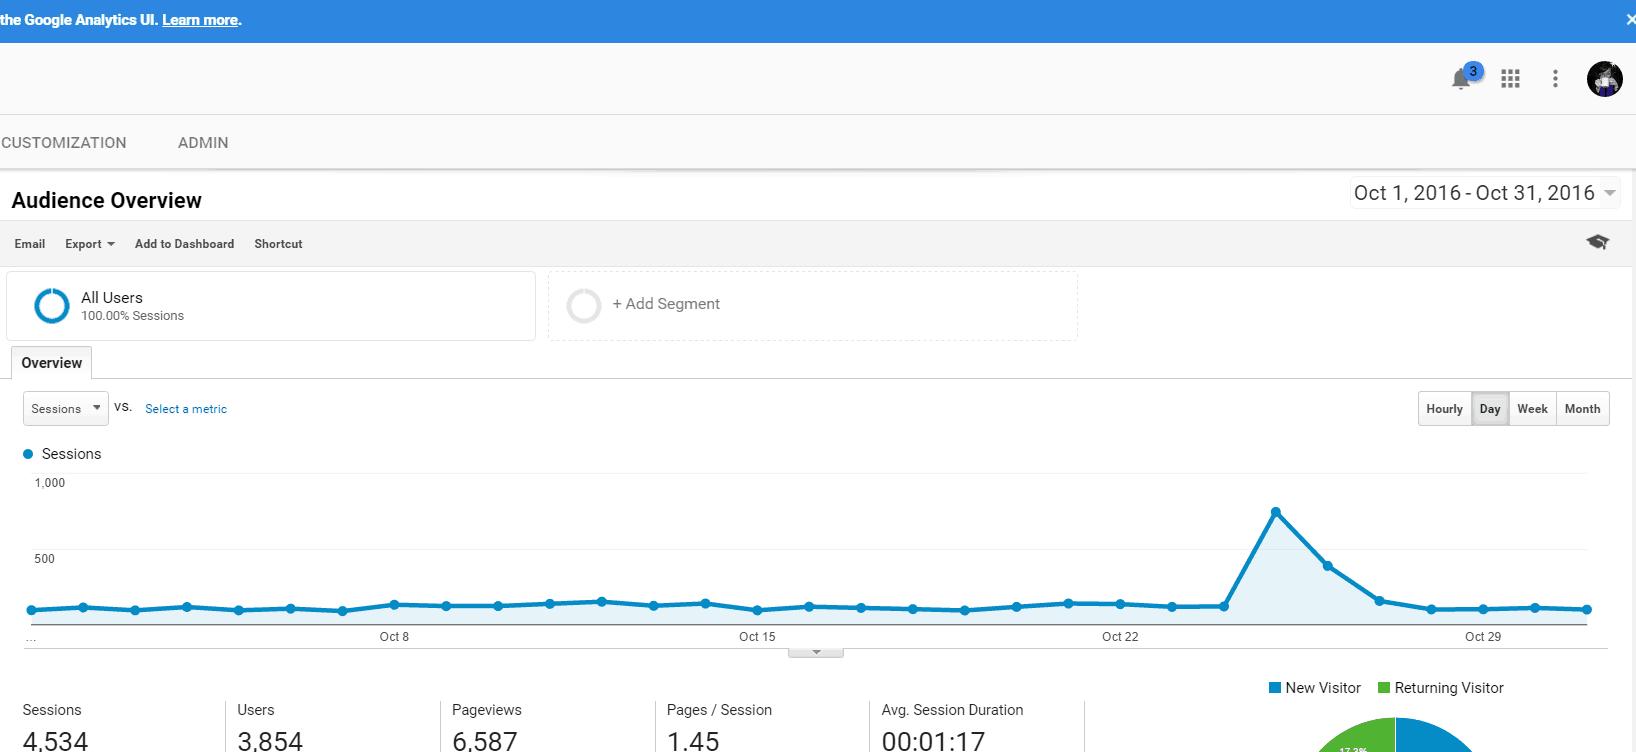 screenshot-analytics-google-com-2016-11-08-11-20-01